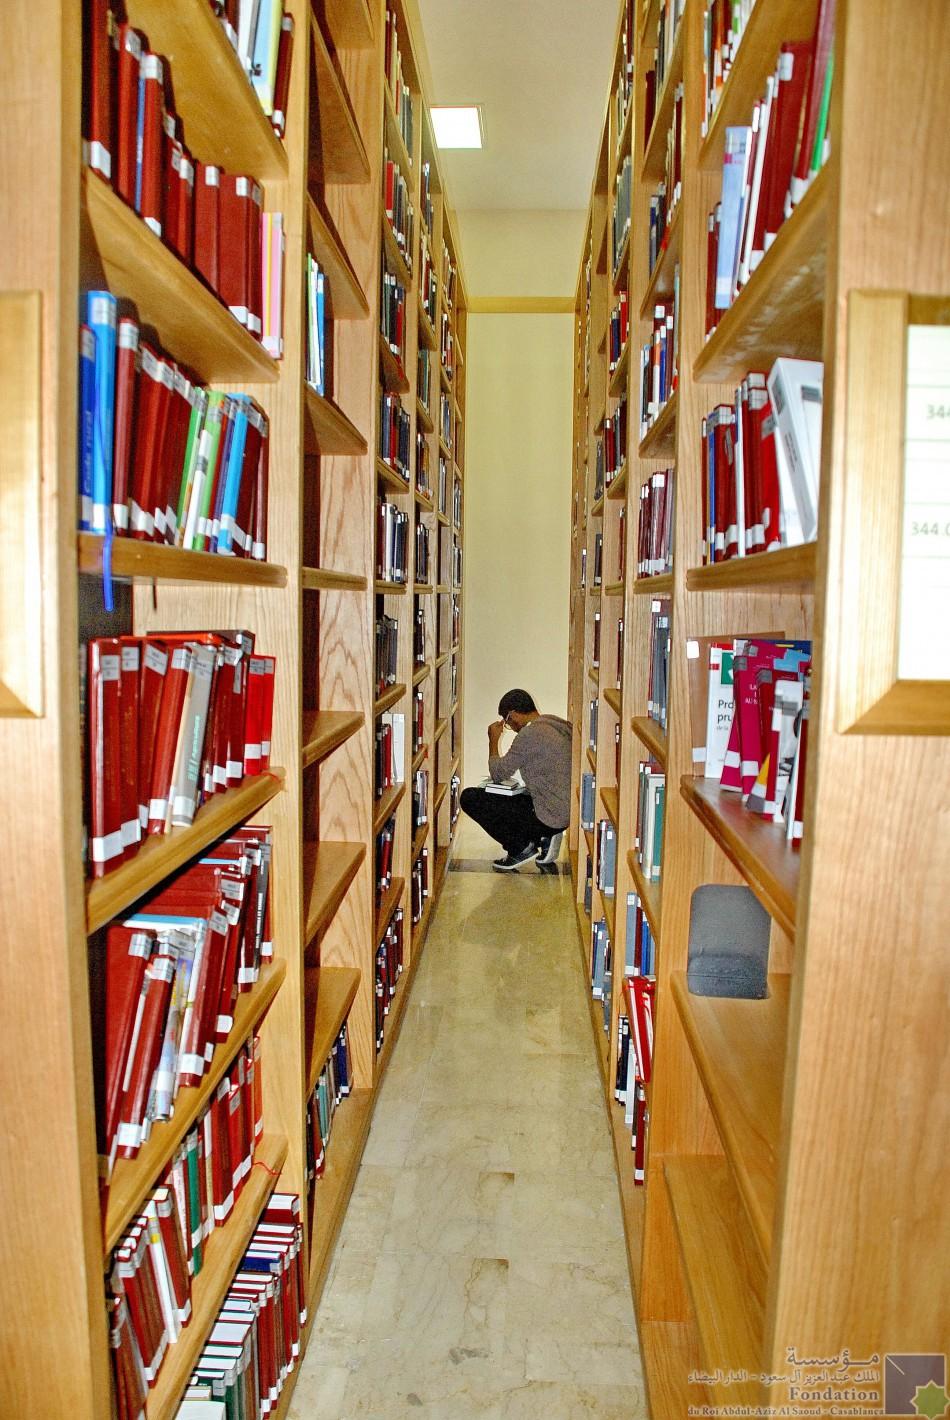 Les étagères à livres